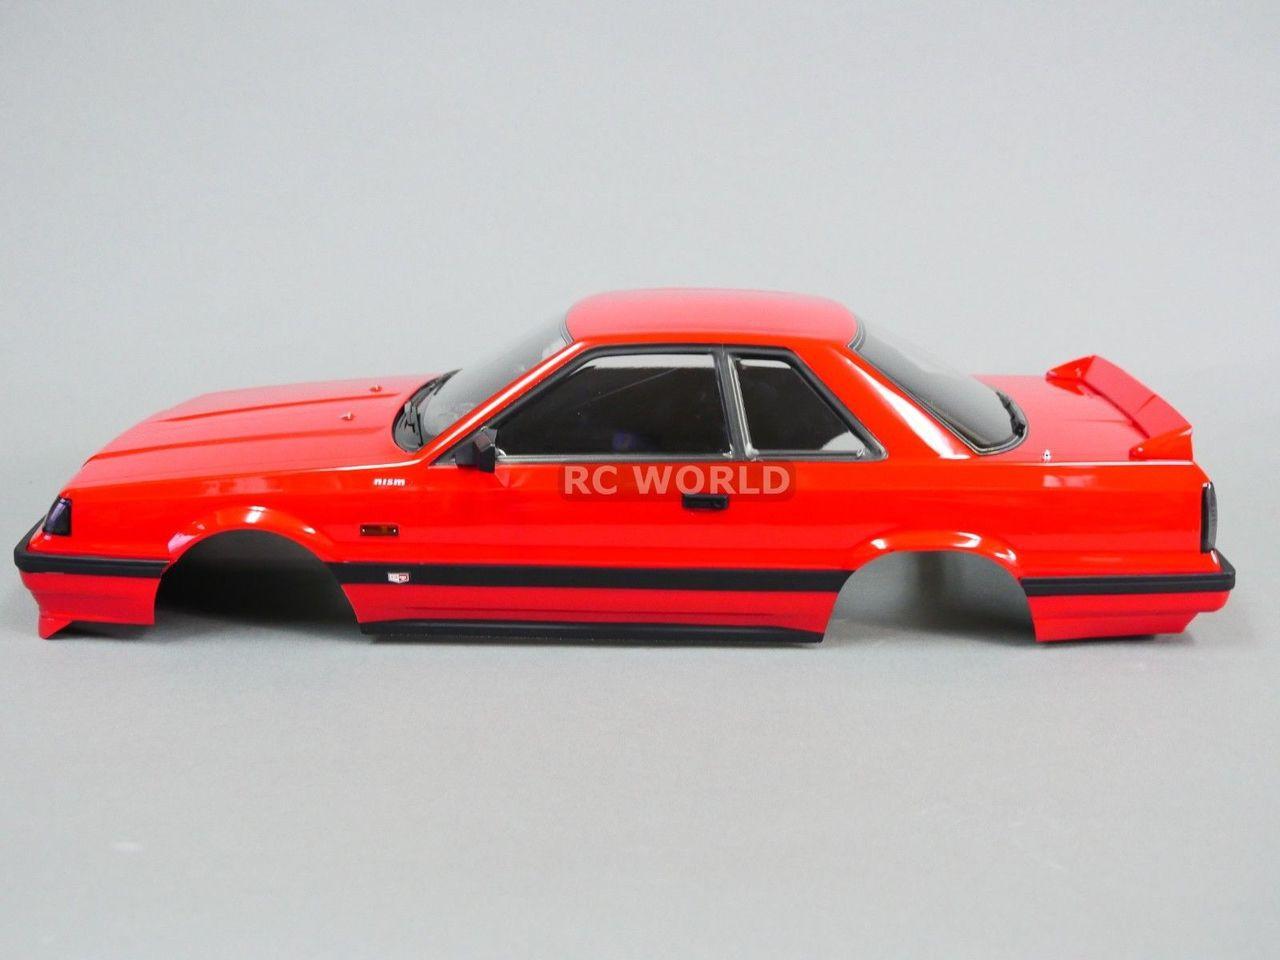 1 10 Rc Car Body Shell Nissan Skyline R31 190 Mm Clear Unassembled Body Rc World